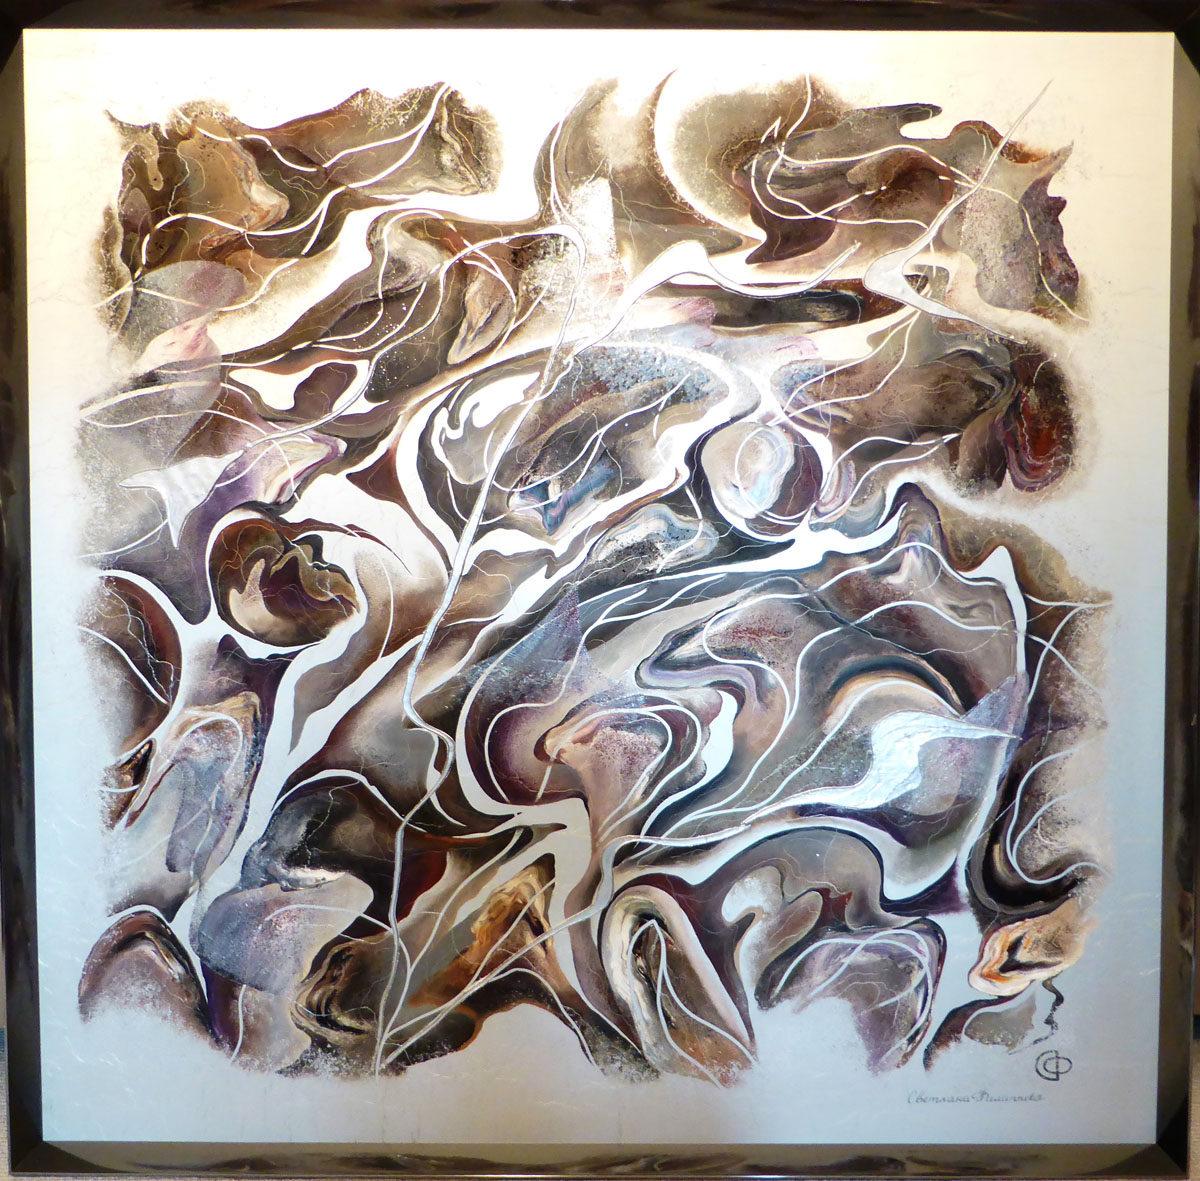 No 450 (128 x 125 cm)